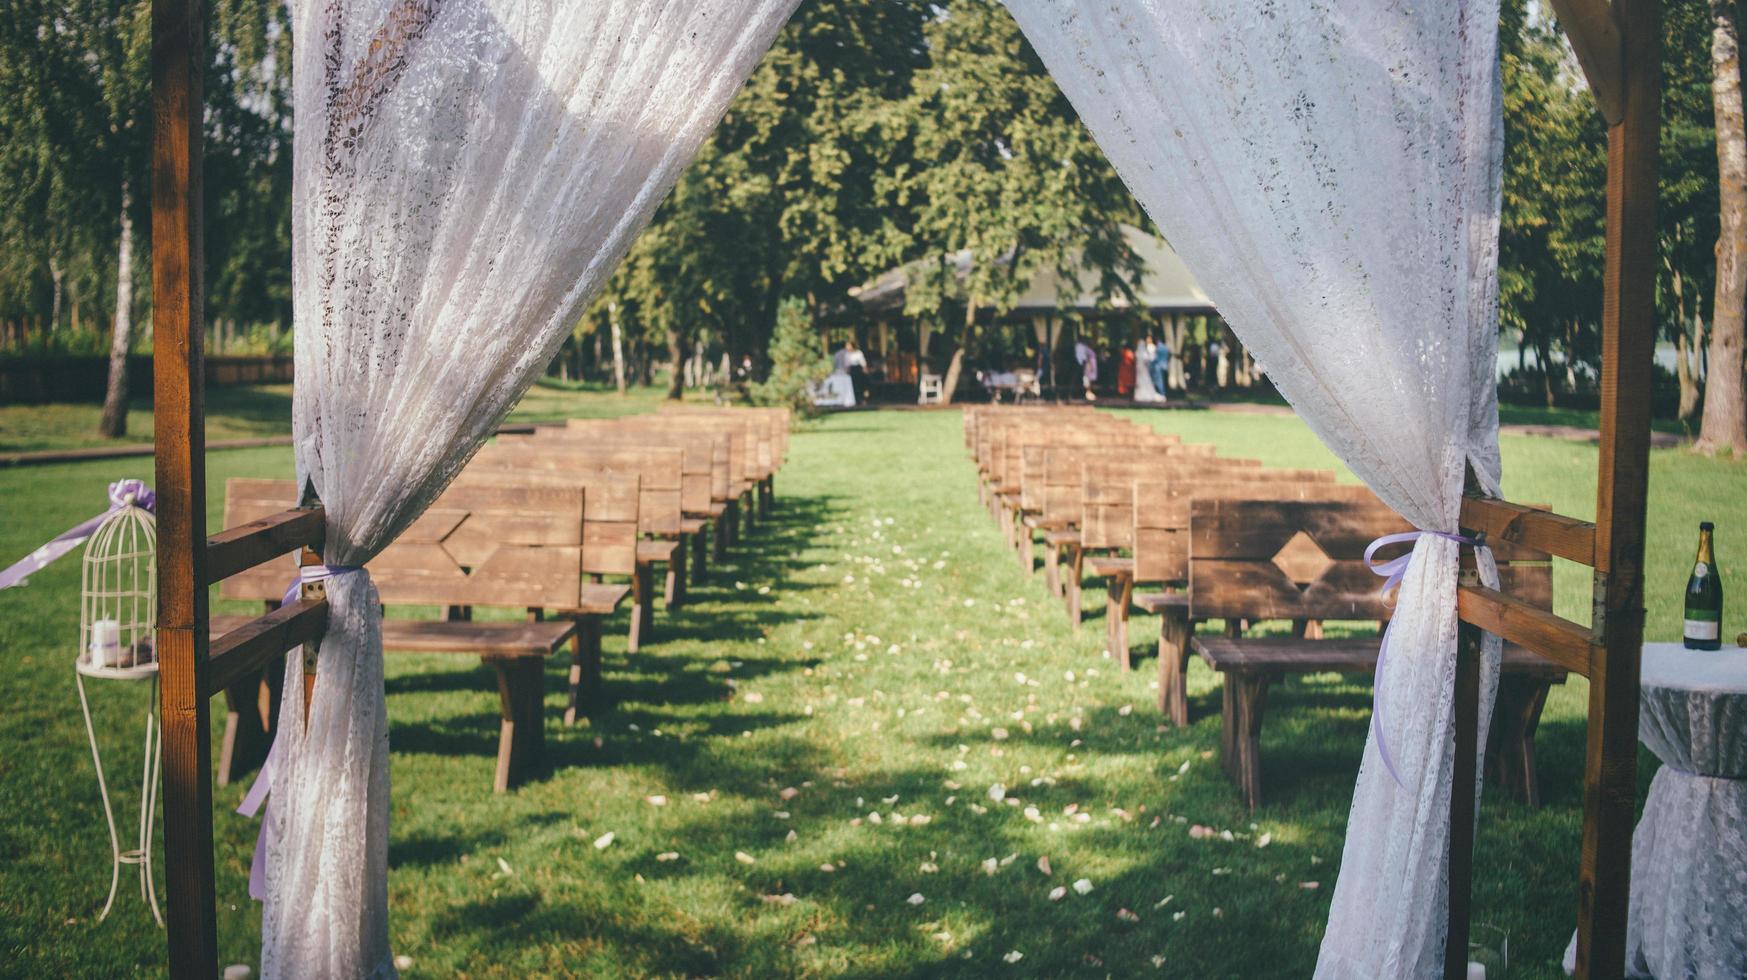 Hochzeitsbogen mit Hochzeitsfeier im Hintergrund foto